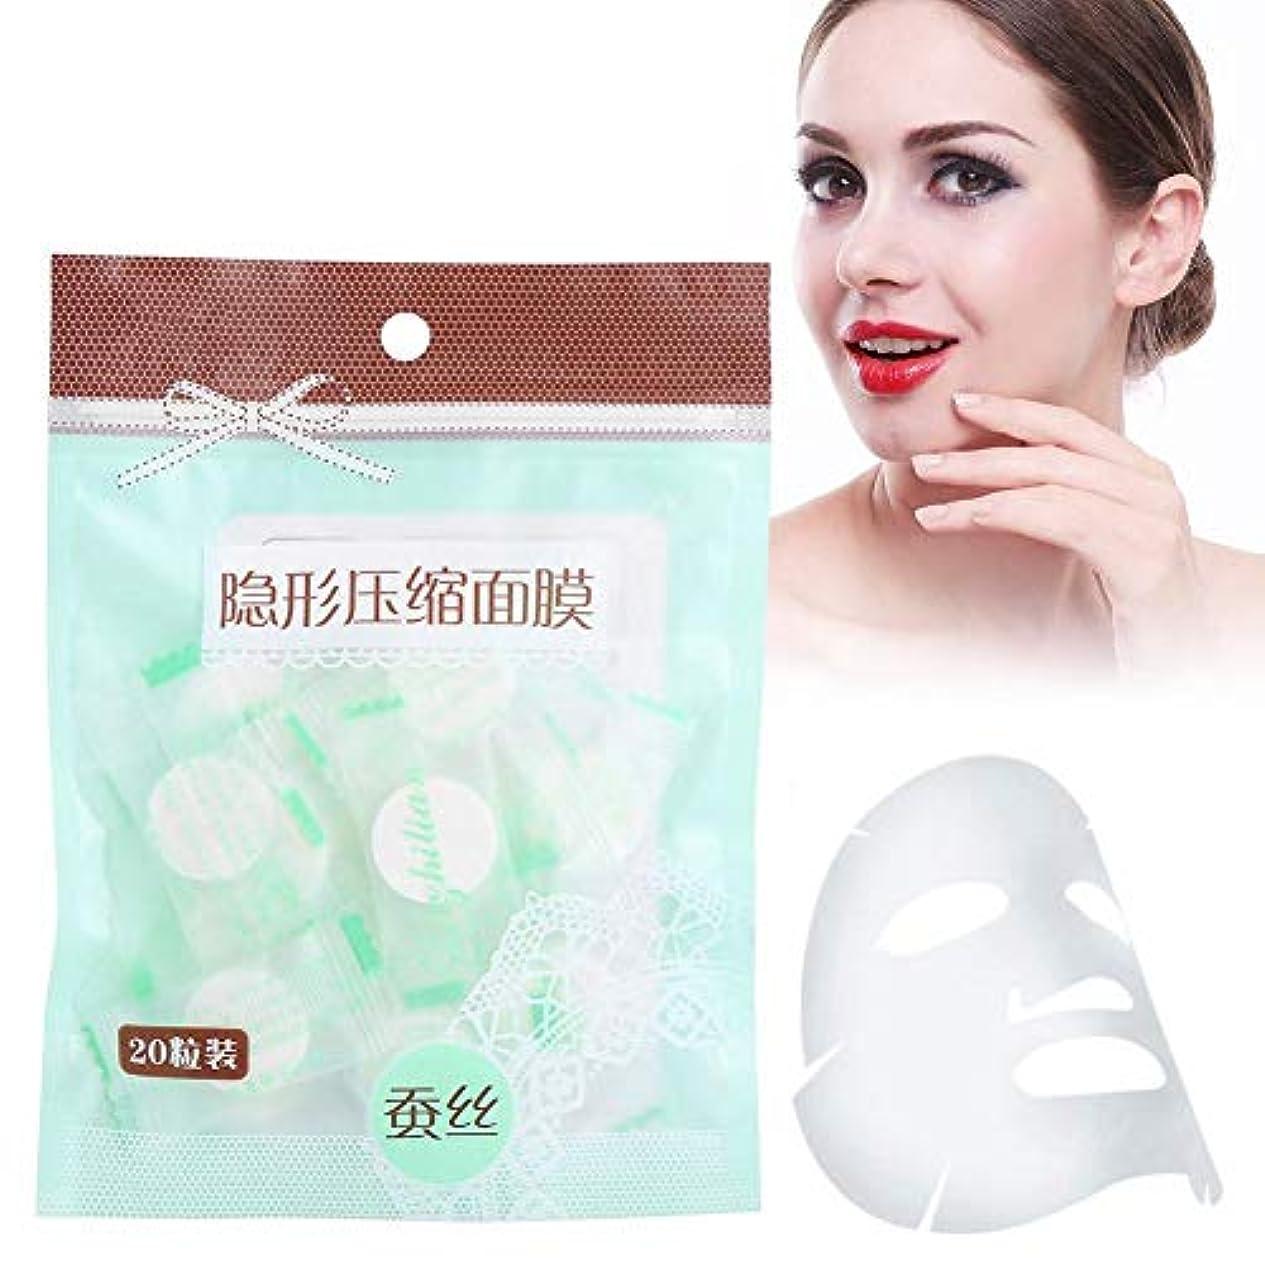 圧縮使い捨てナチュラル 20枚 保湿アンチエイジング フェイシャルマスクスキンケア DIY 美容メイクアップマスク